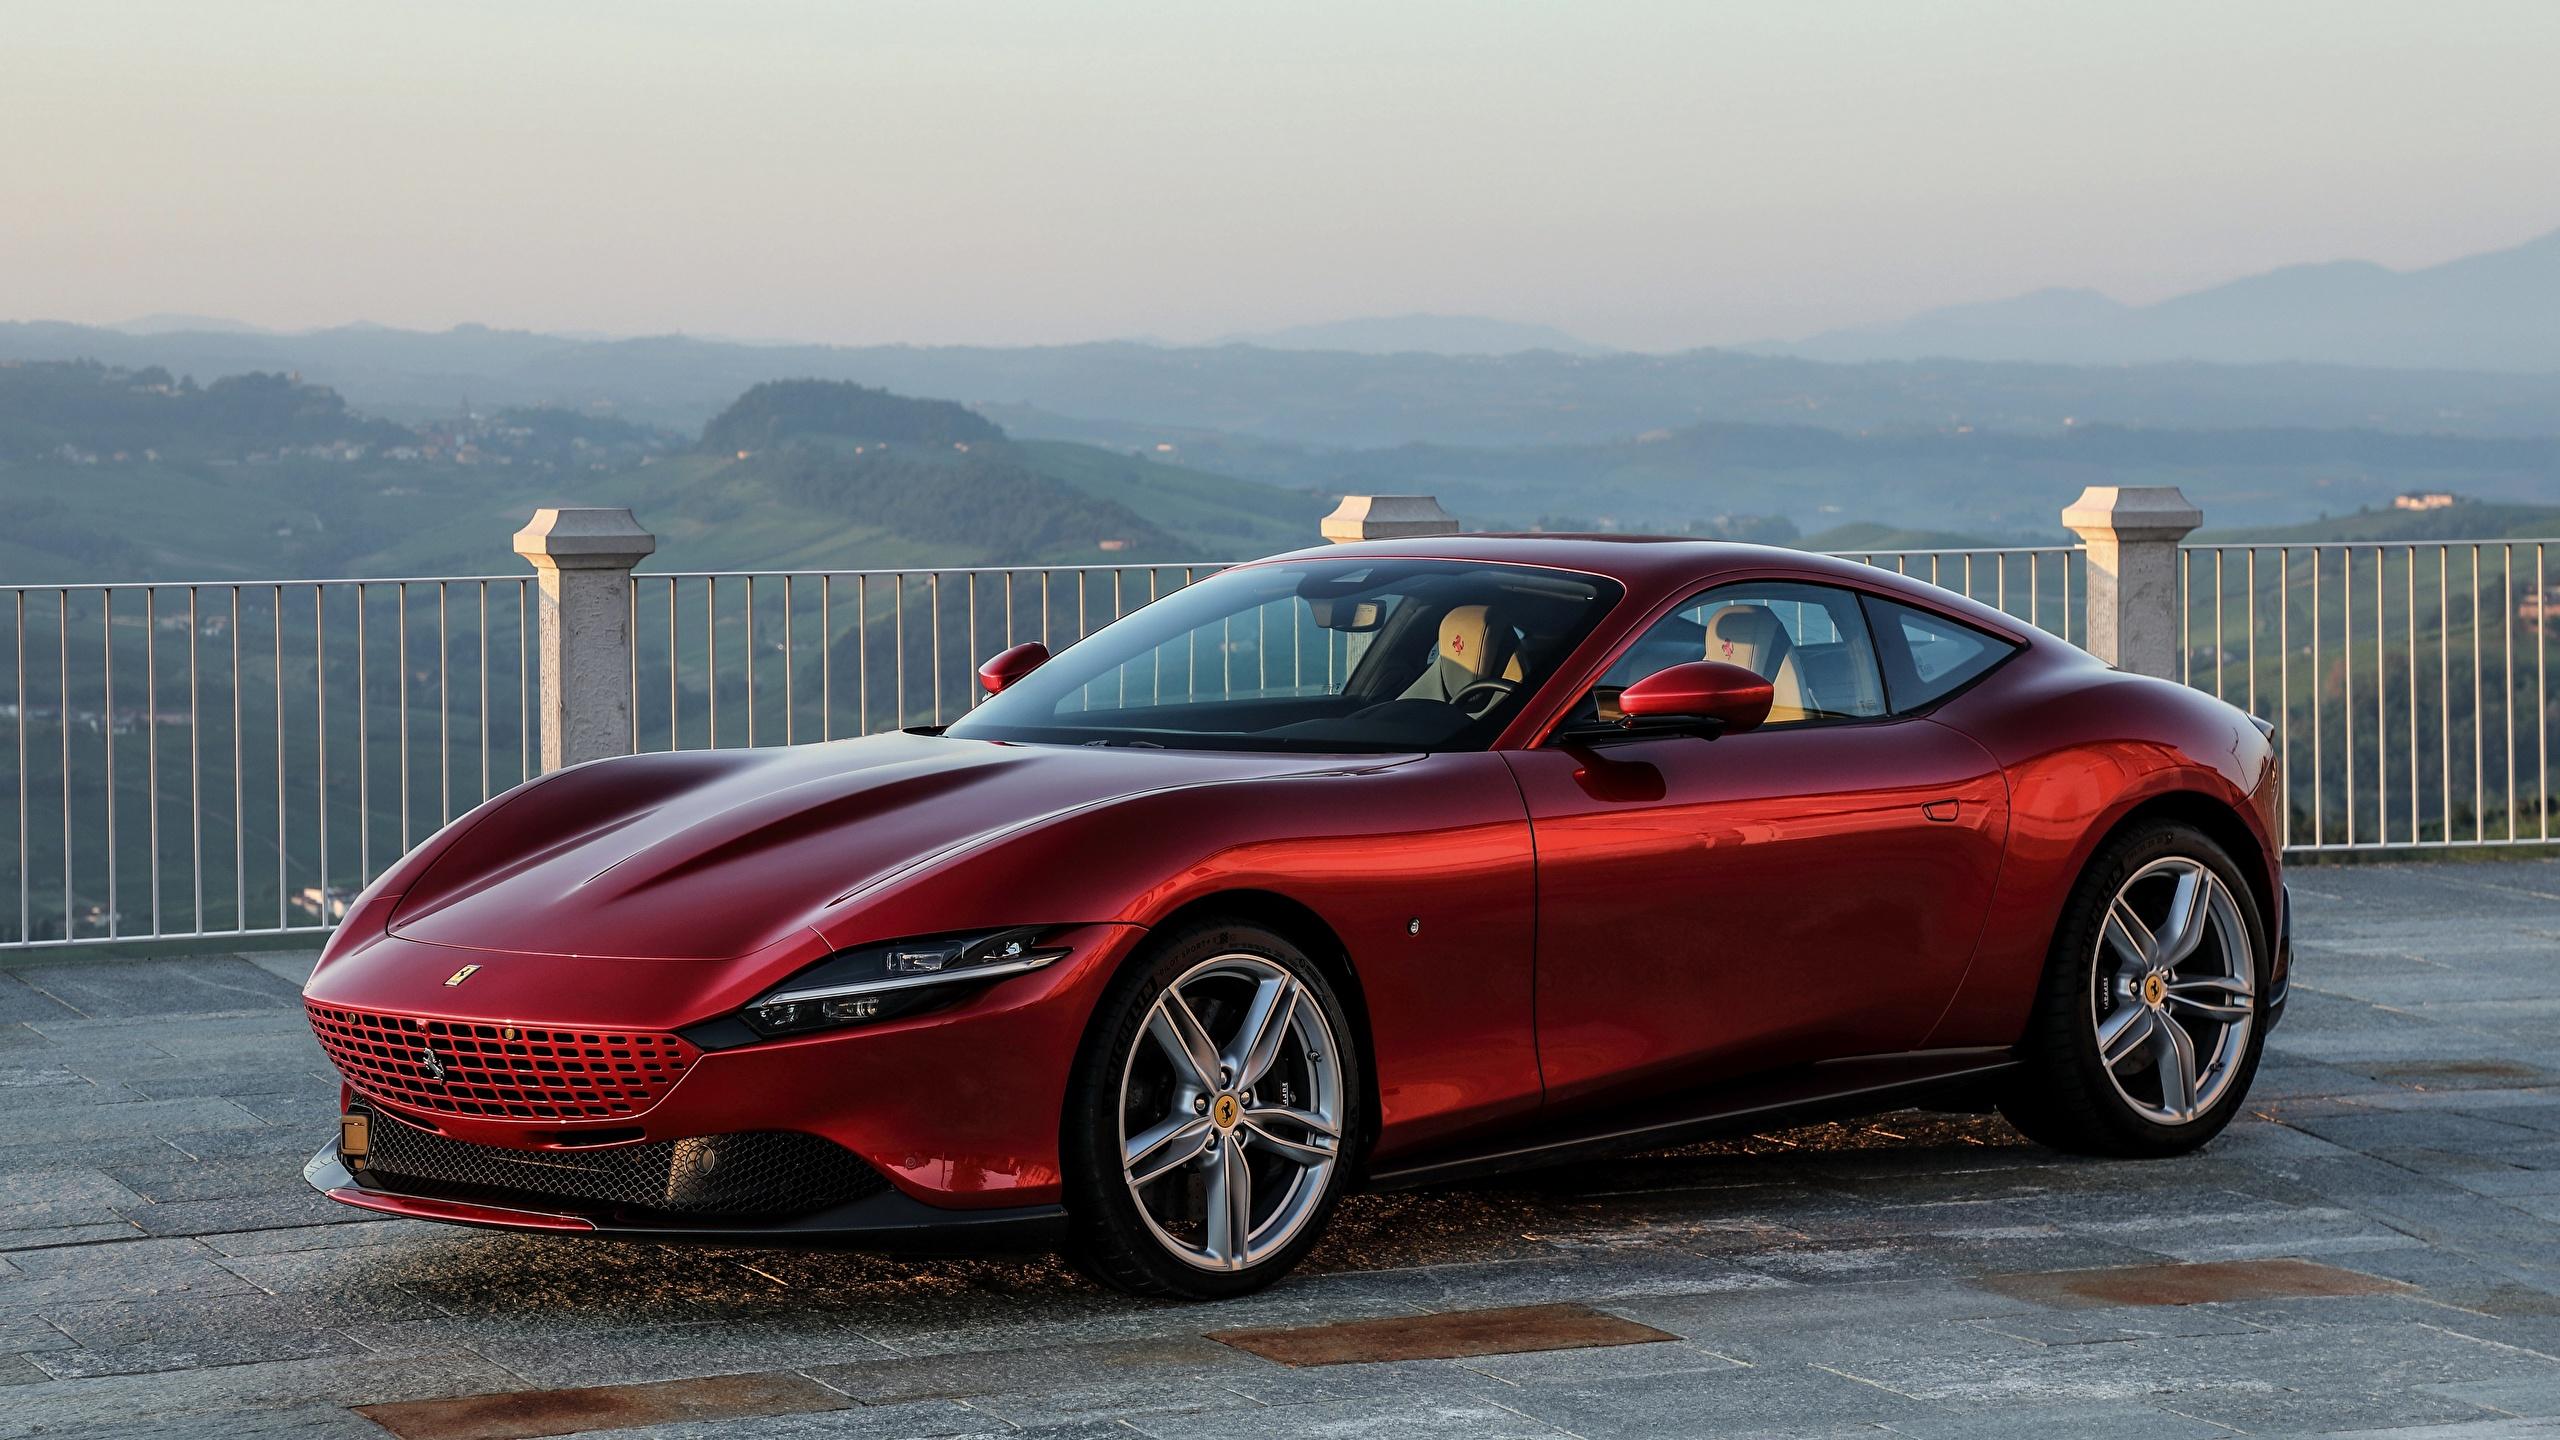 Фотография Ferrari Roma, 2020 Купе бордовая Металлик Автомобили 2560x1440 Феррари Бордовый бордовые темно красный авто машины машина автомобиль